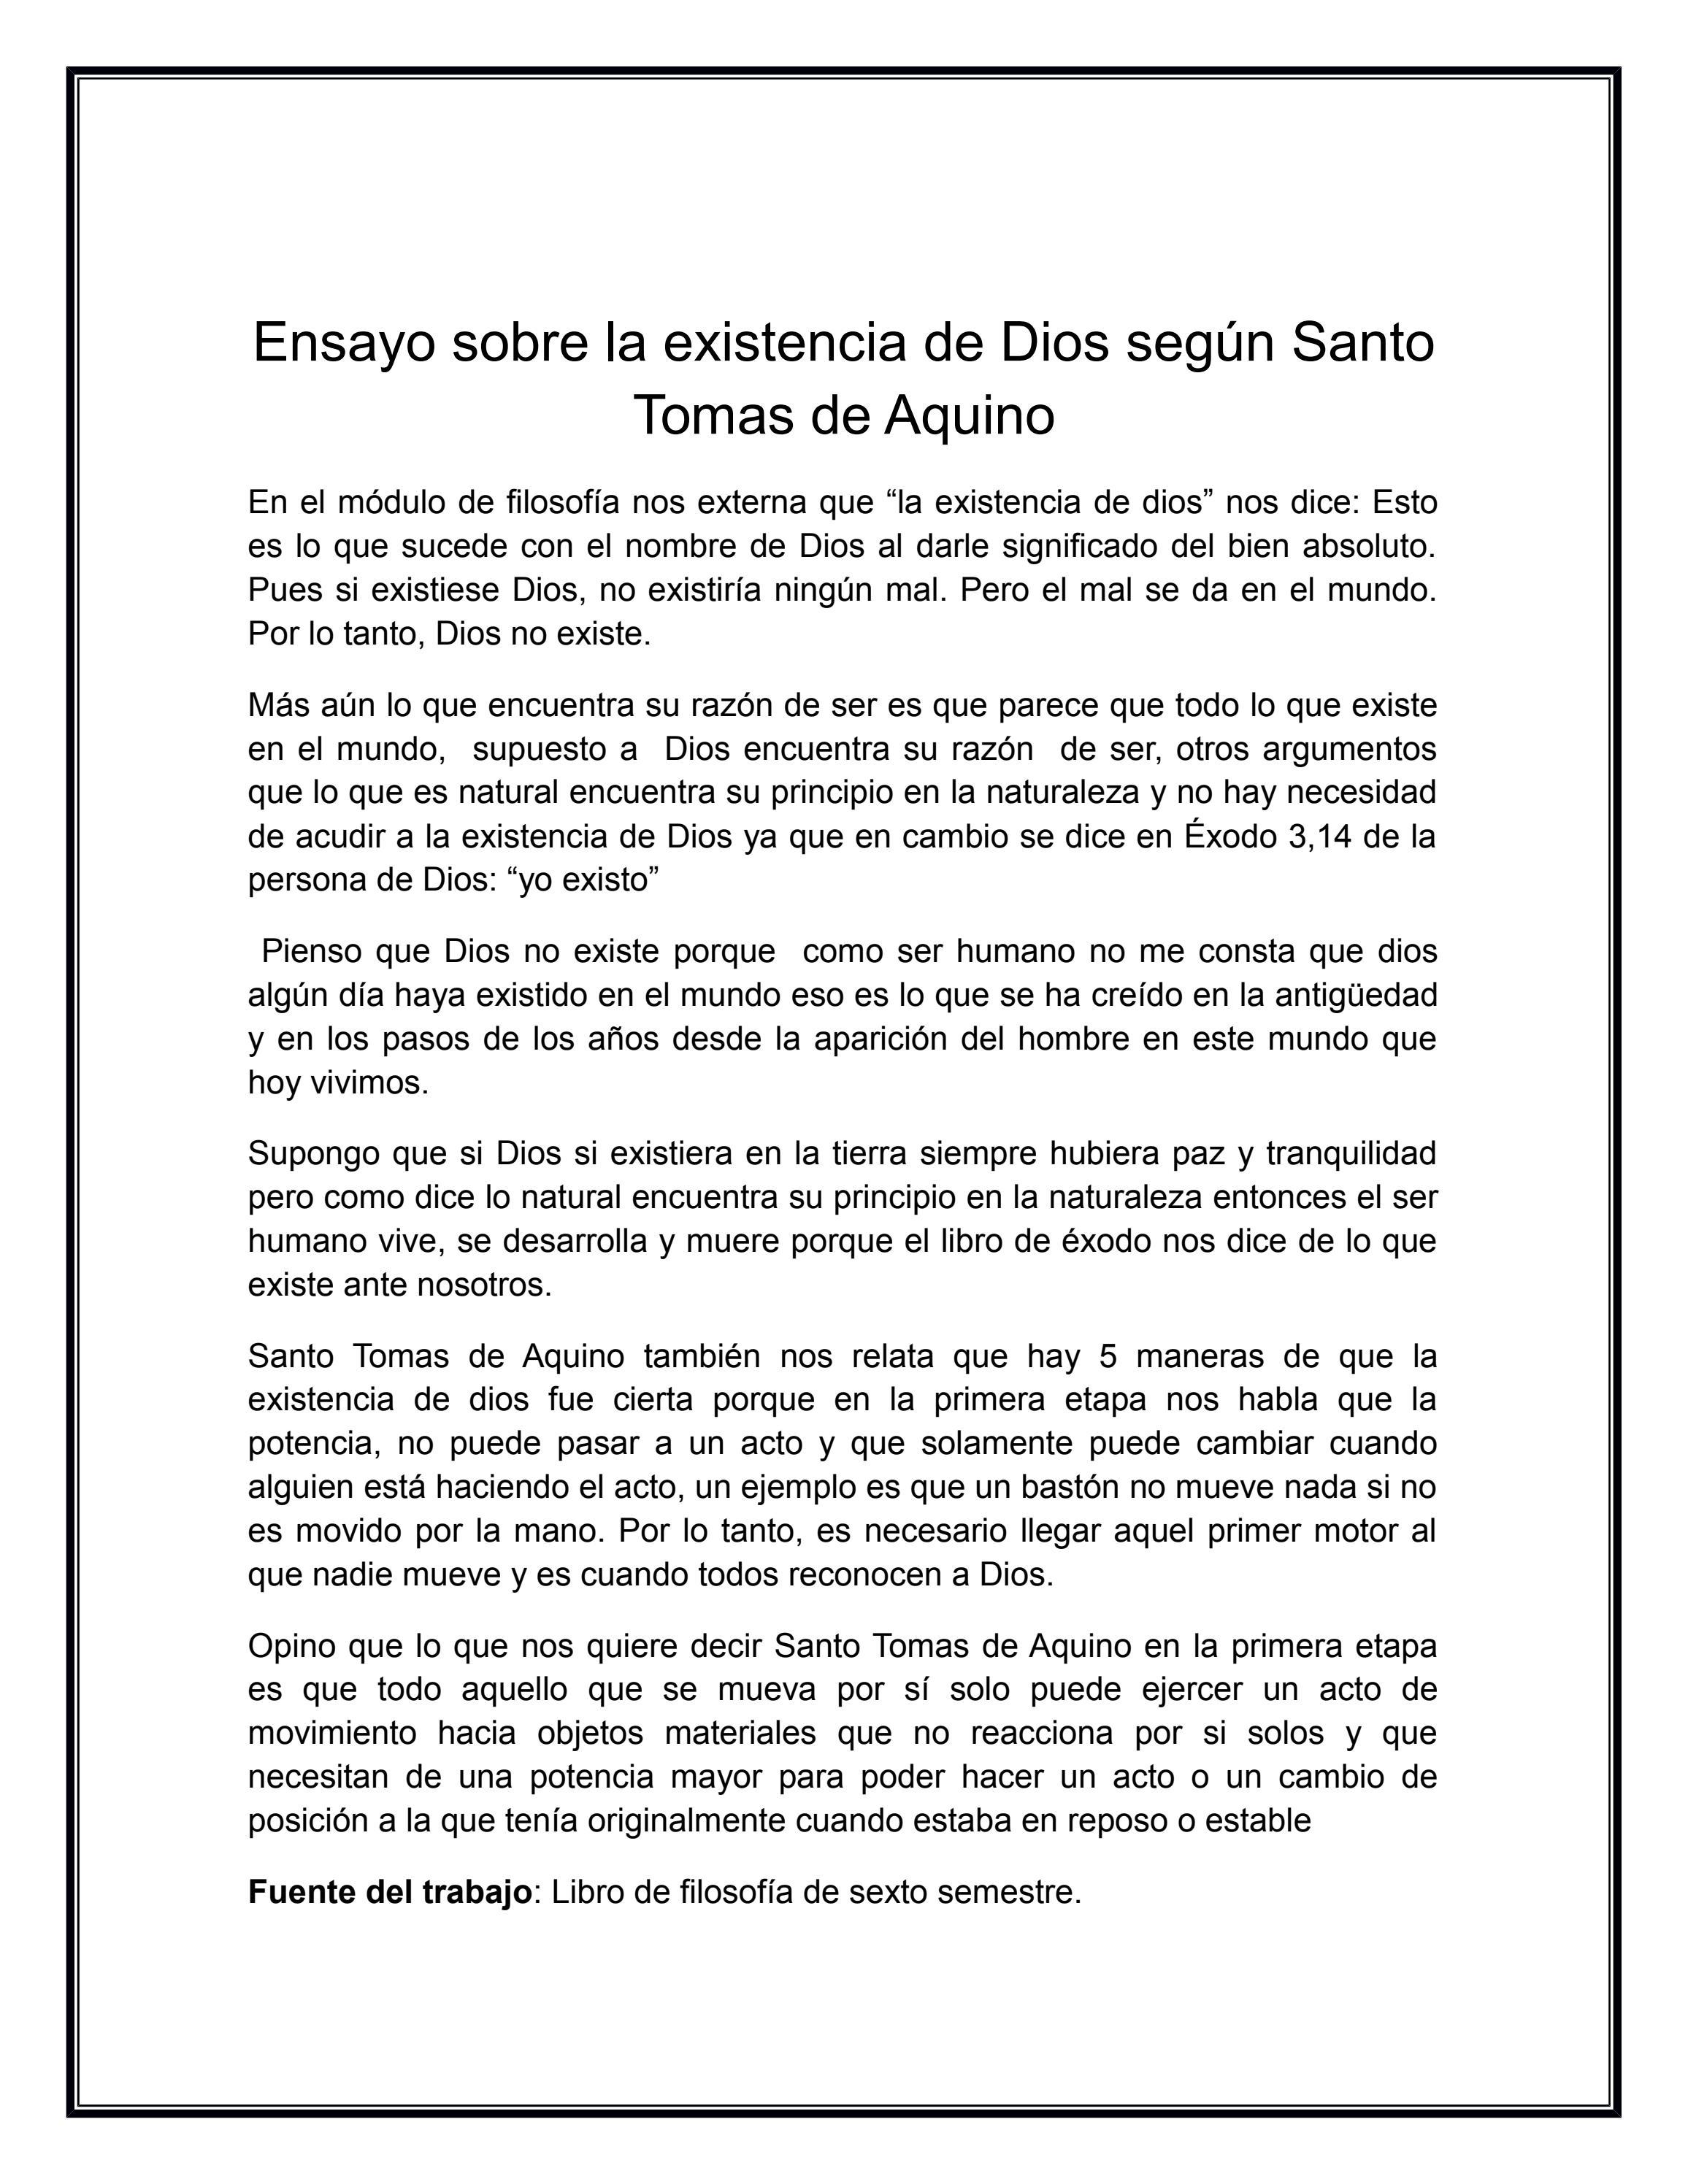 Ensayo Sobre La Existencia De Dios Según Santo Tomas De Aquino By Sandra Issuu